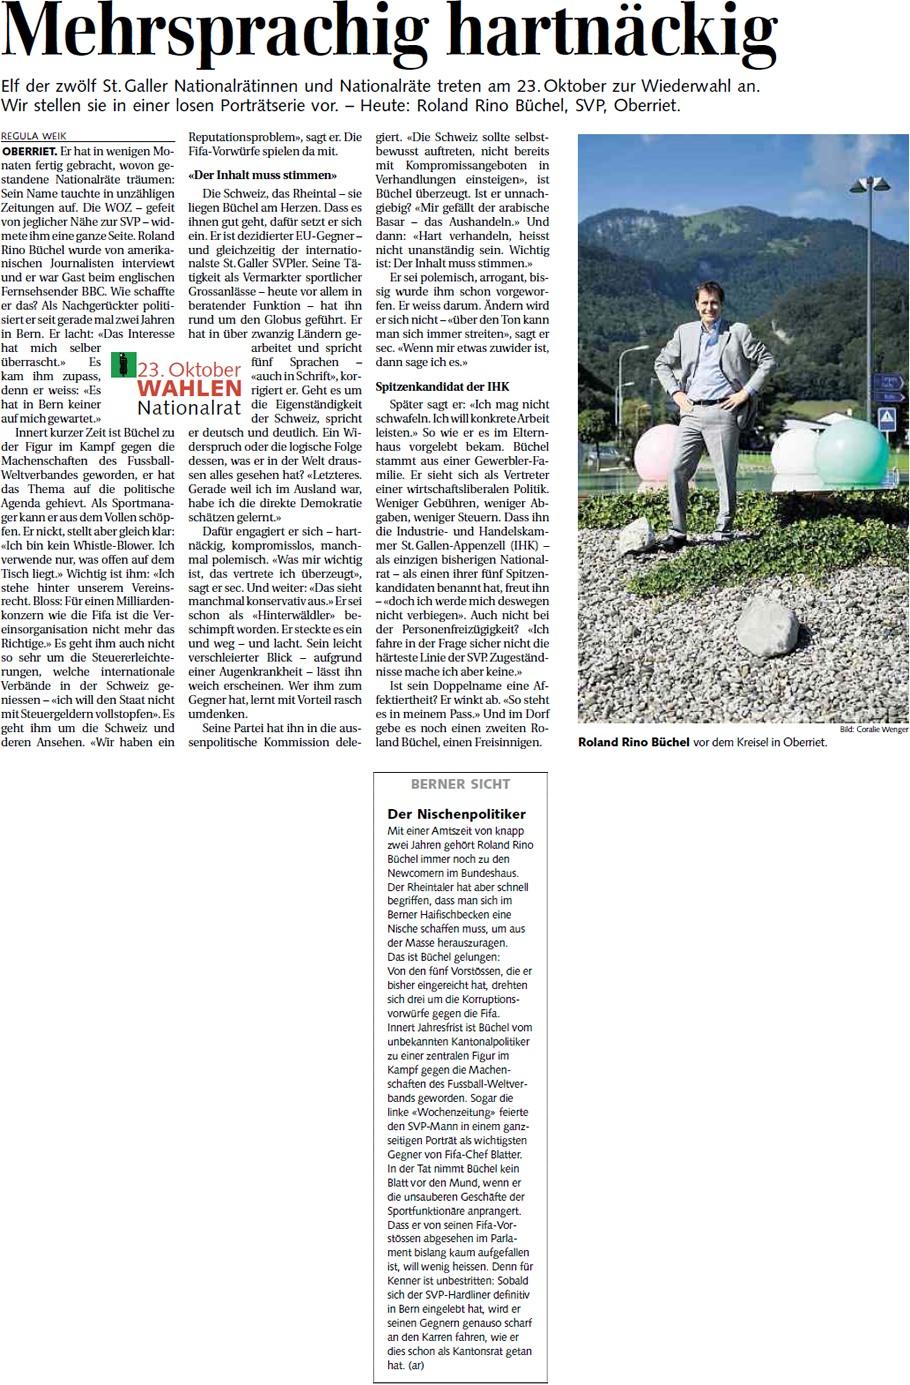 St. Galler Tagblatt: Mehrsprachig hartnäckig